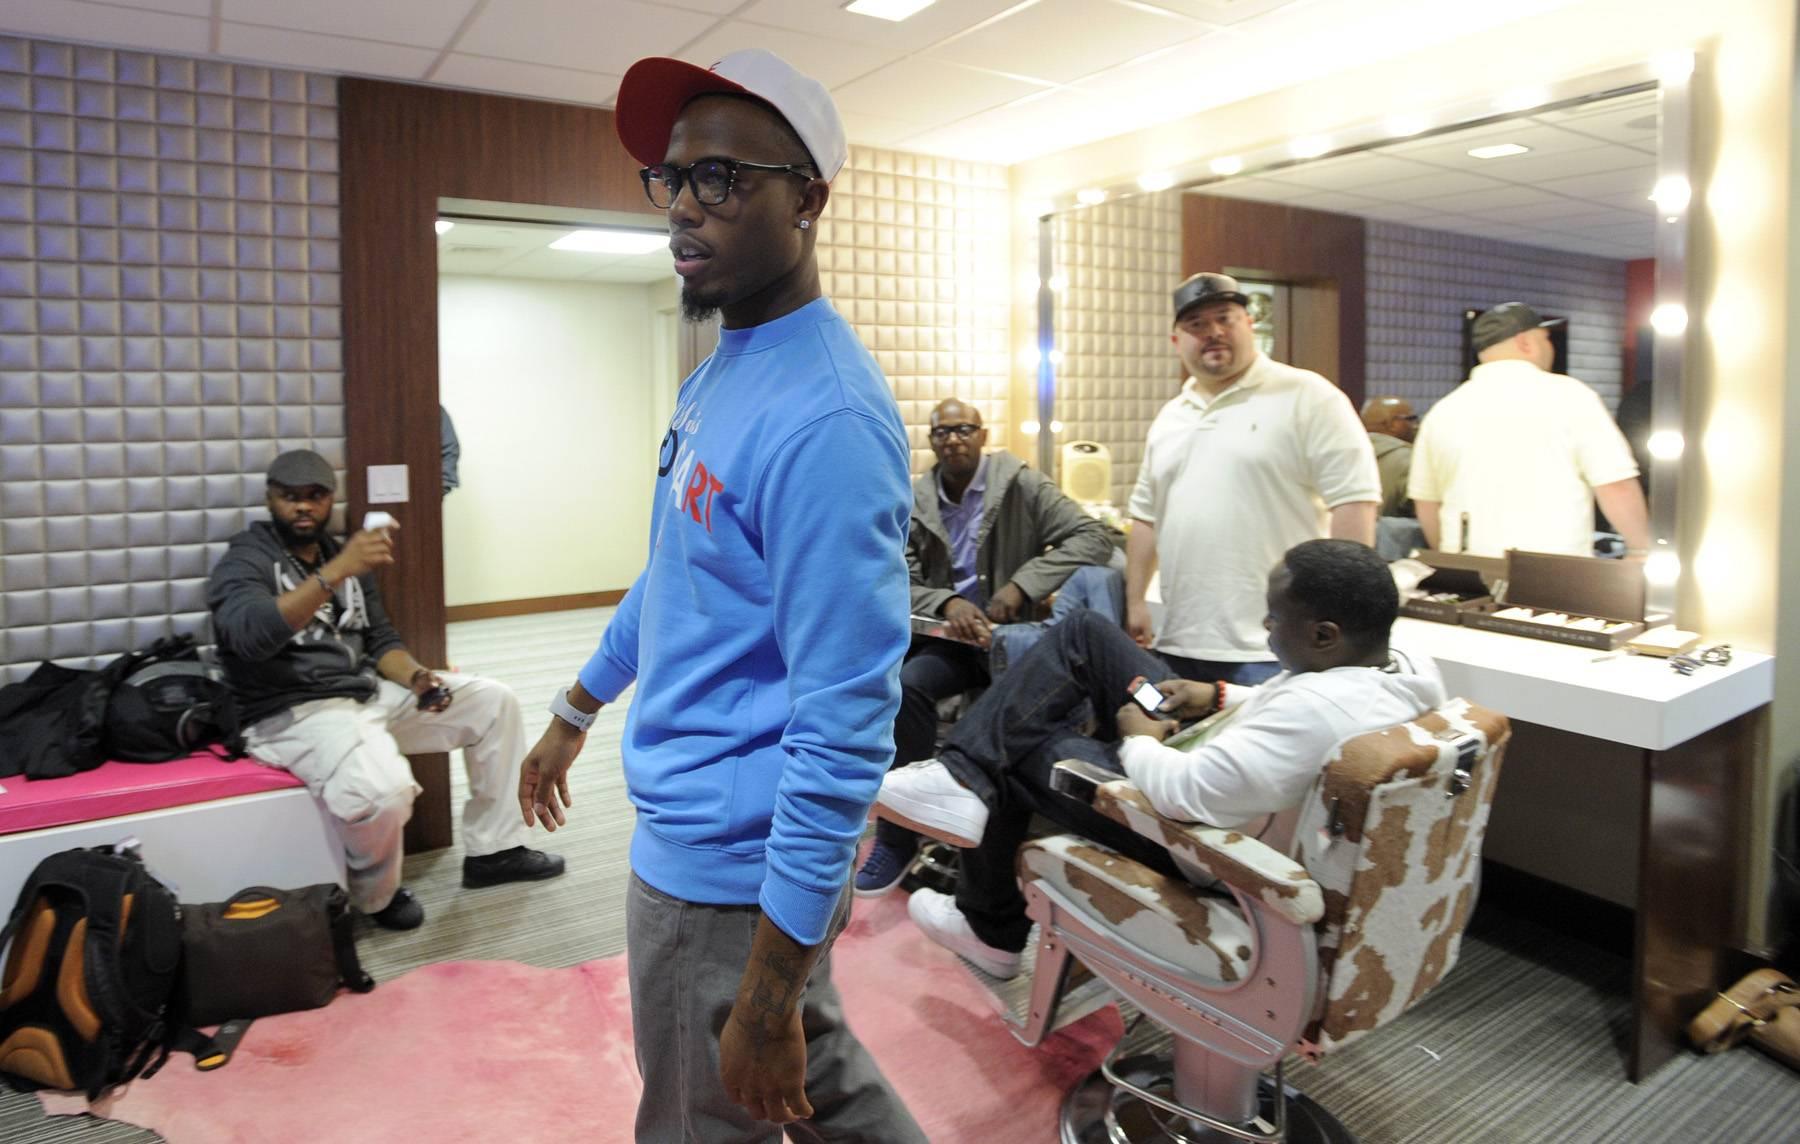 Smooth - B.o.B in the green room at 106 & Park, May 1, 2012. (Photo: John Ricard / BET)